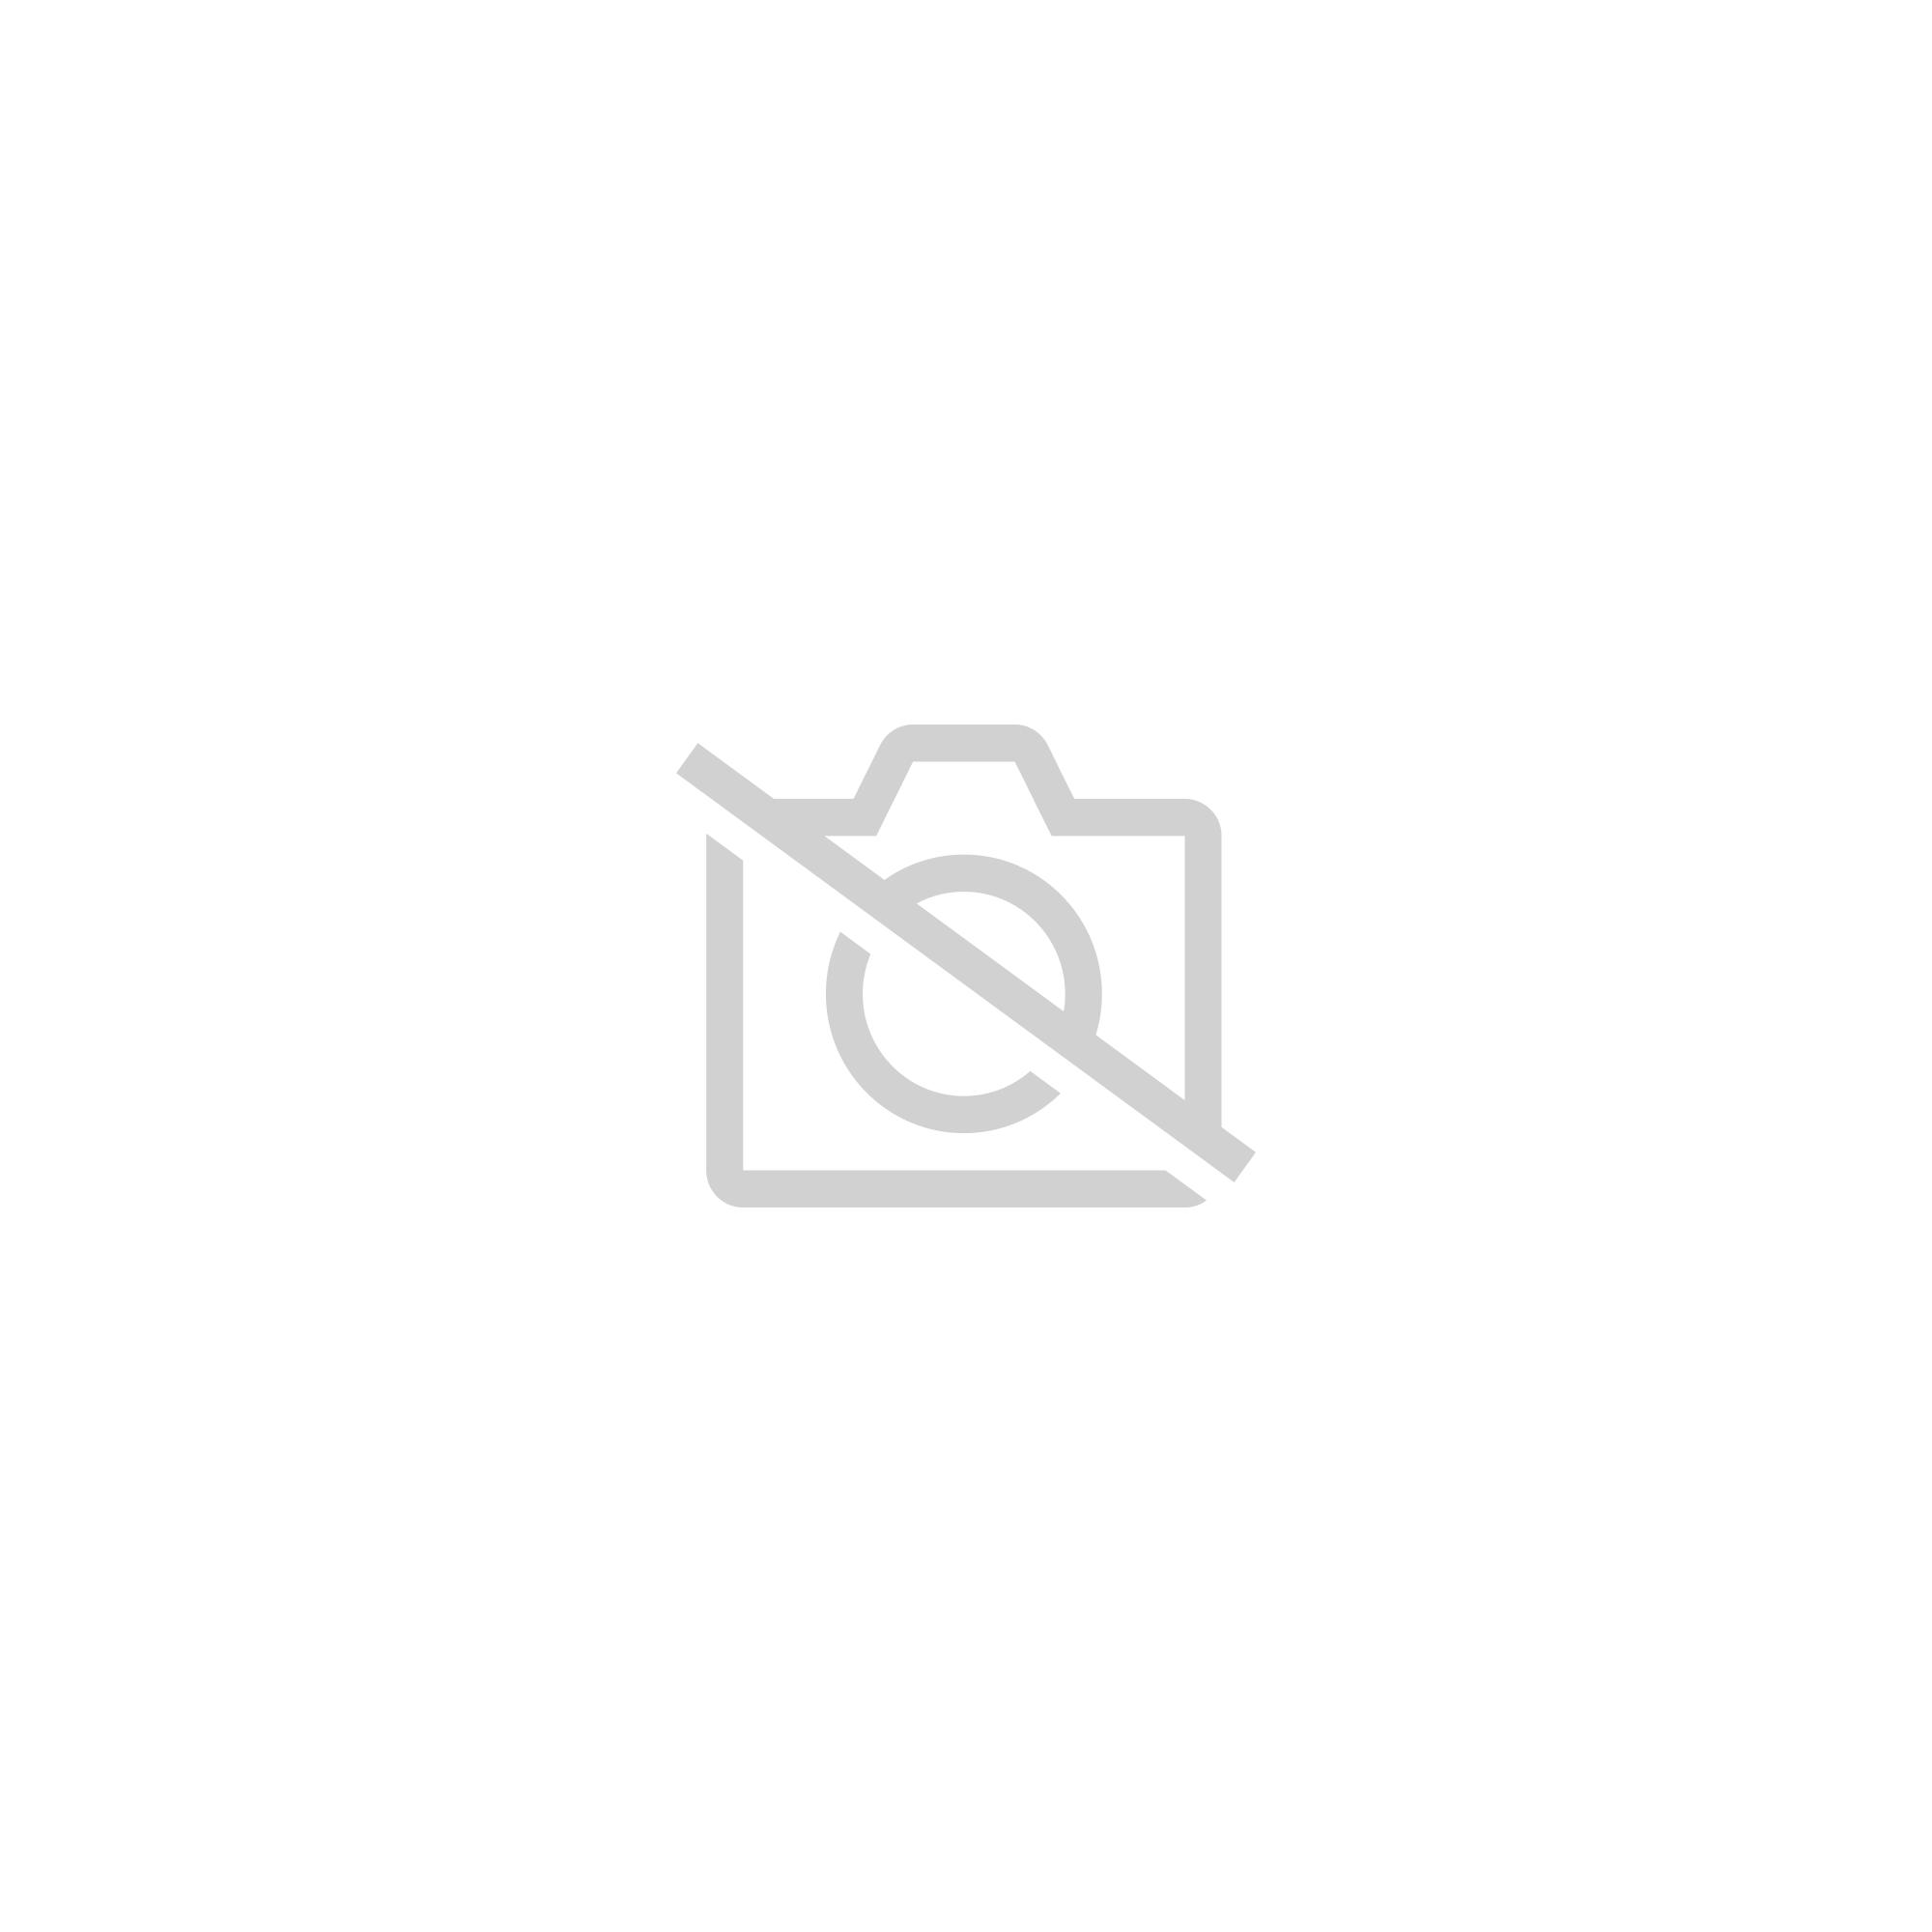 Lot de 10 mini bornes de connexion rapide /à levier S221 pour fils souples et rigides 3 entr/ées